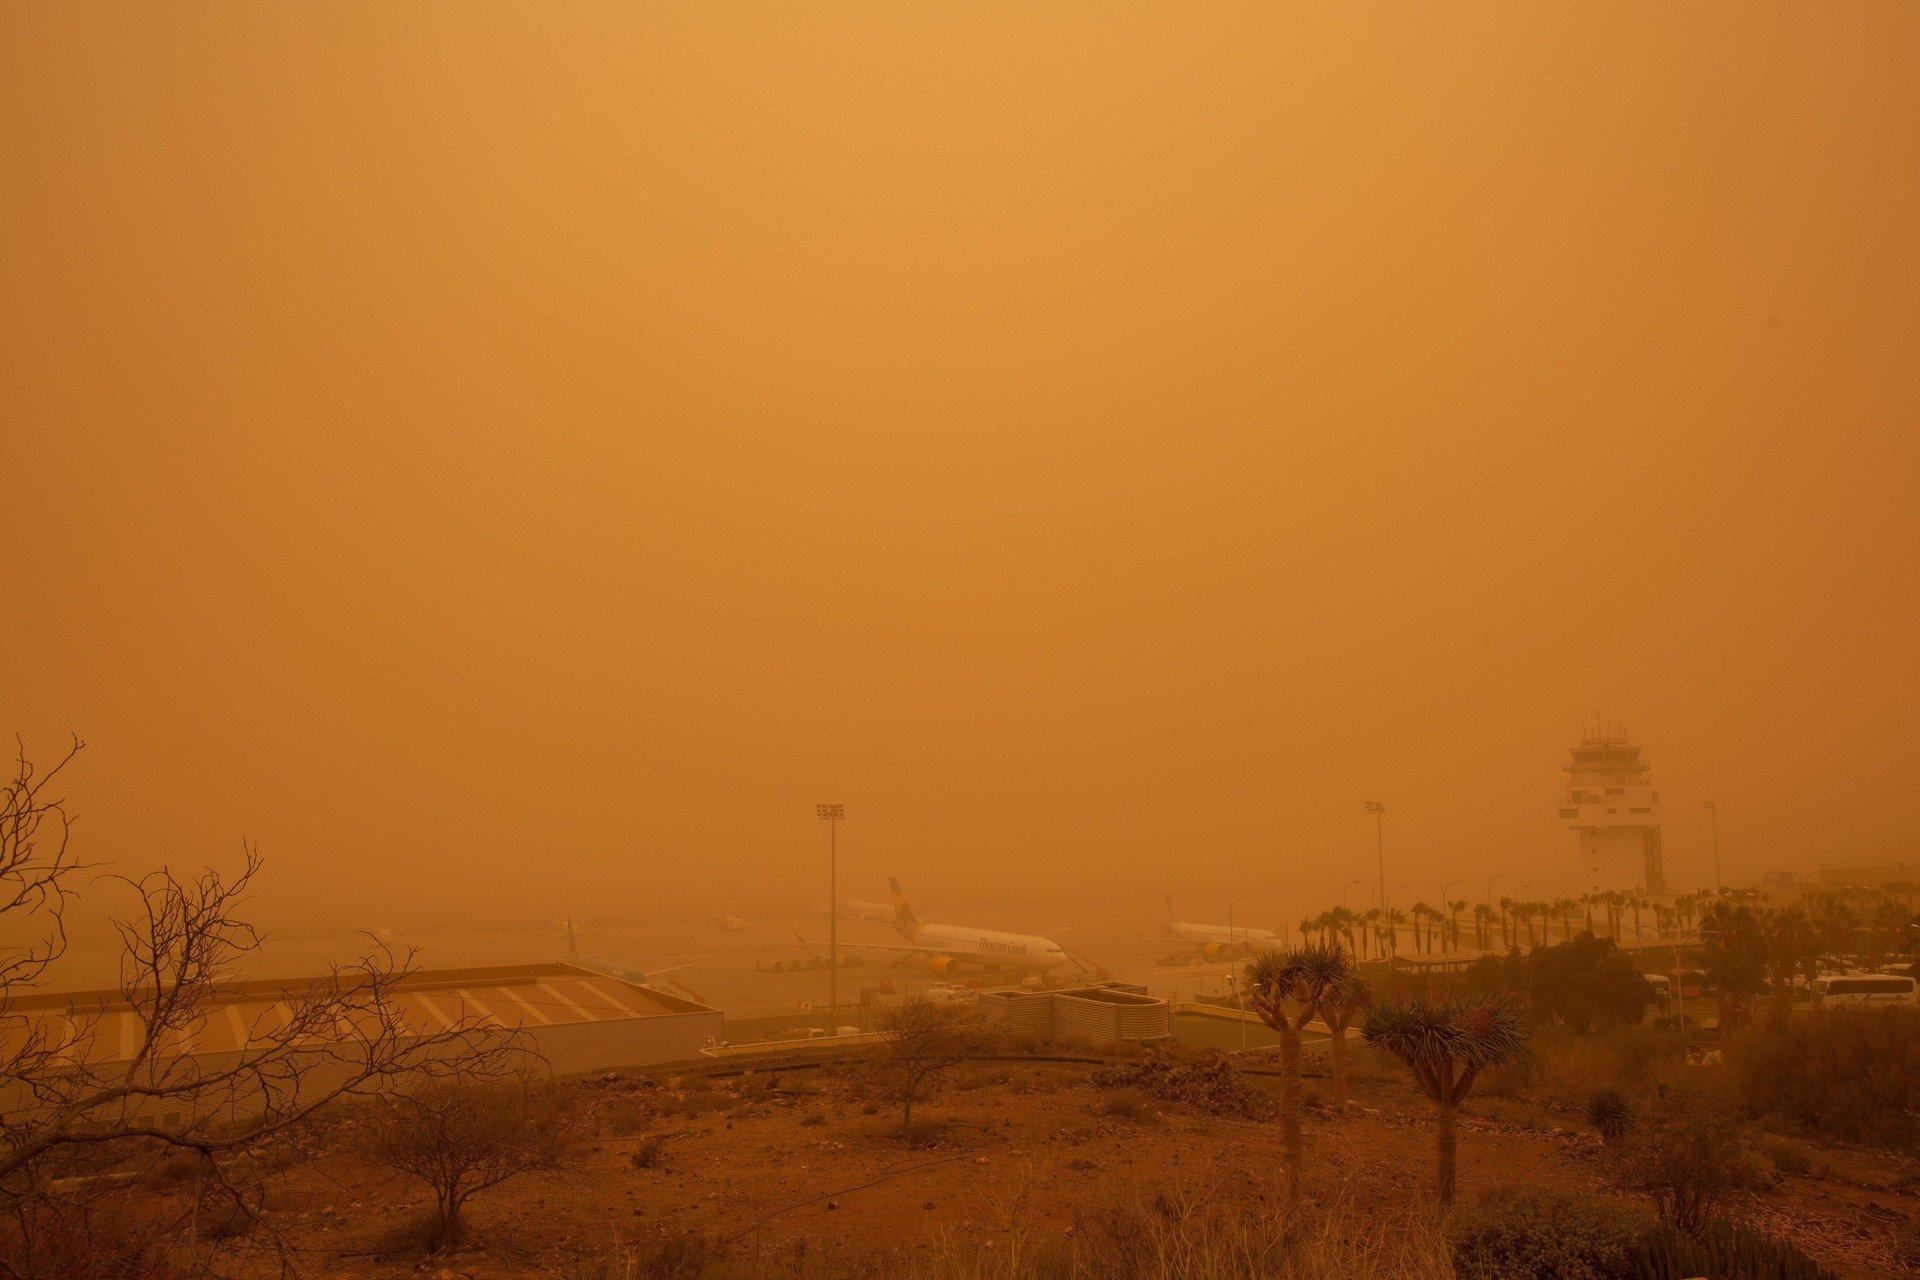 Burza piaskowa znad Sahary zaatakowała Wyspy Kanaryjskie [WIDEO] Setki lotów przesunięto lub odwołano. Turyści koczowali na lotniskach | Polska Times